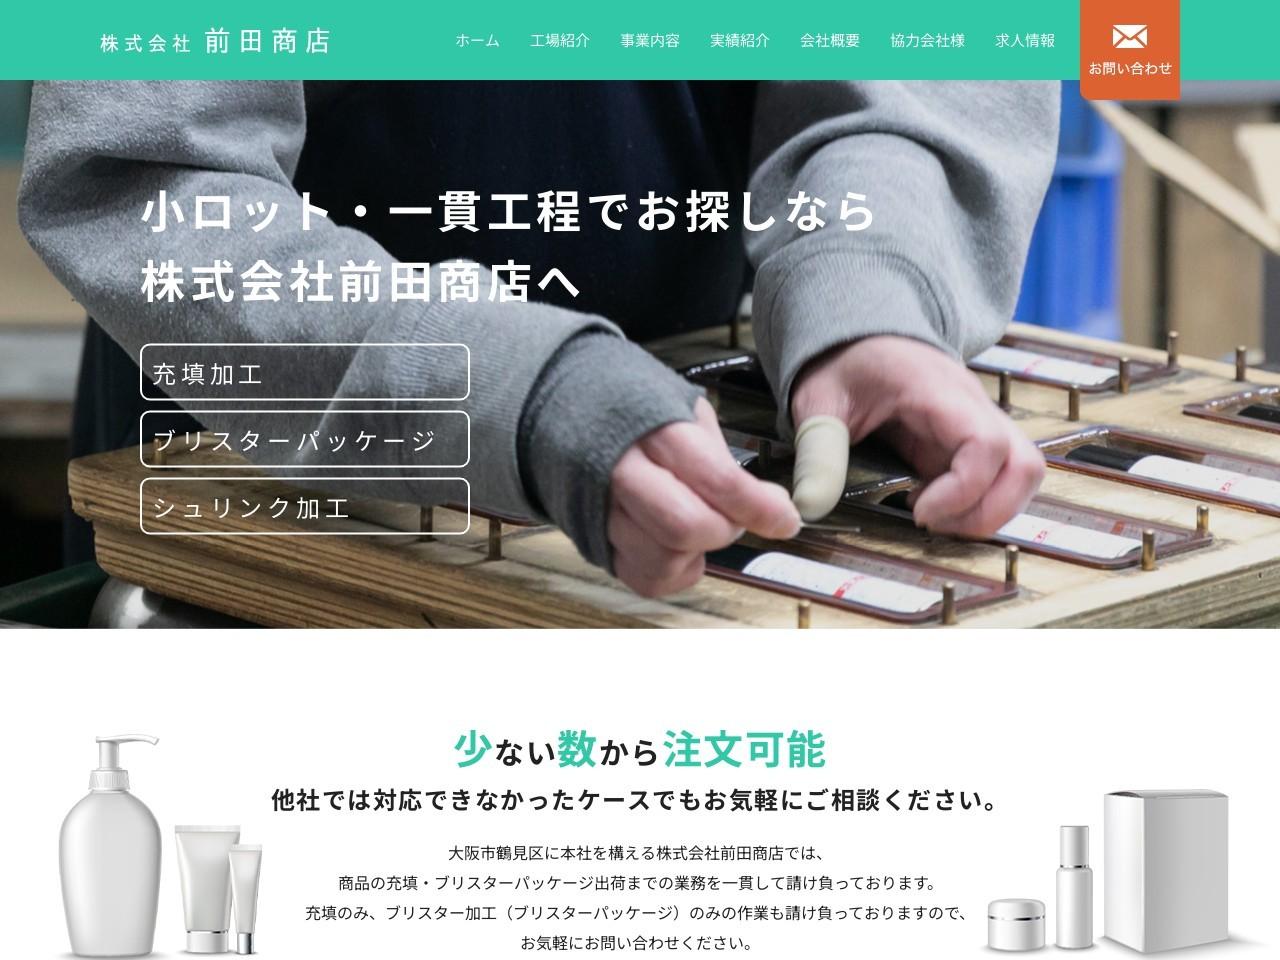 充填加工・ブリスターパッケージ・シュリンク加工の前田商店